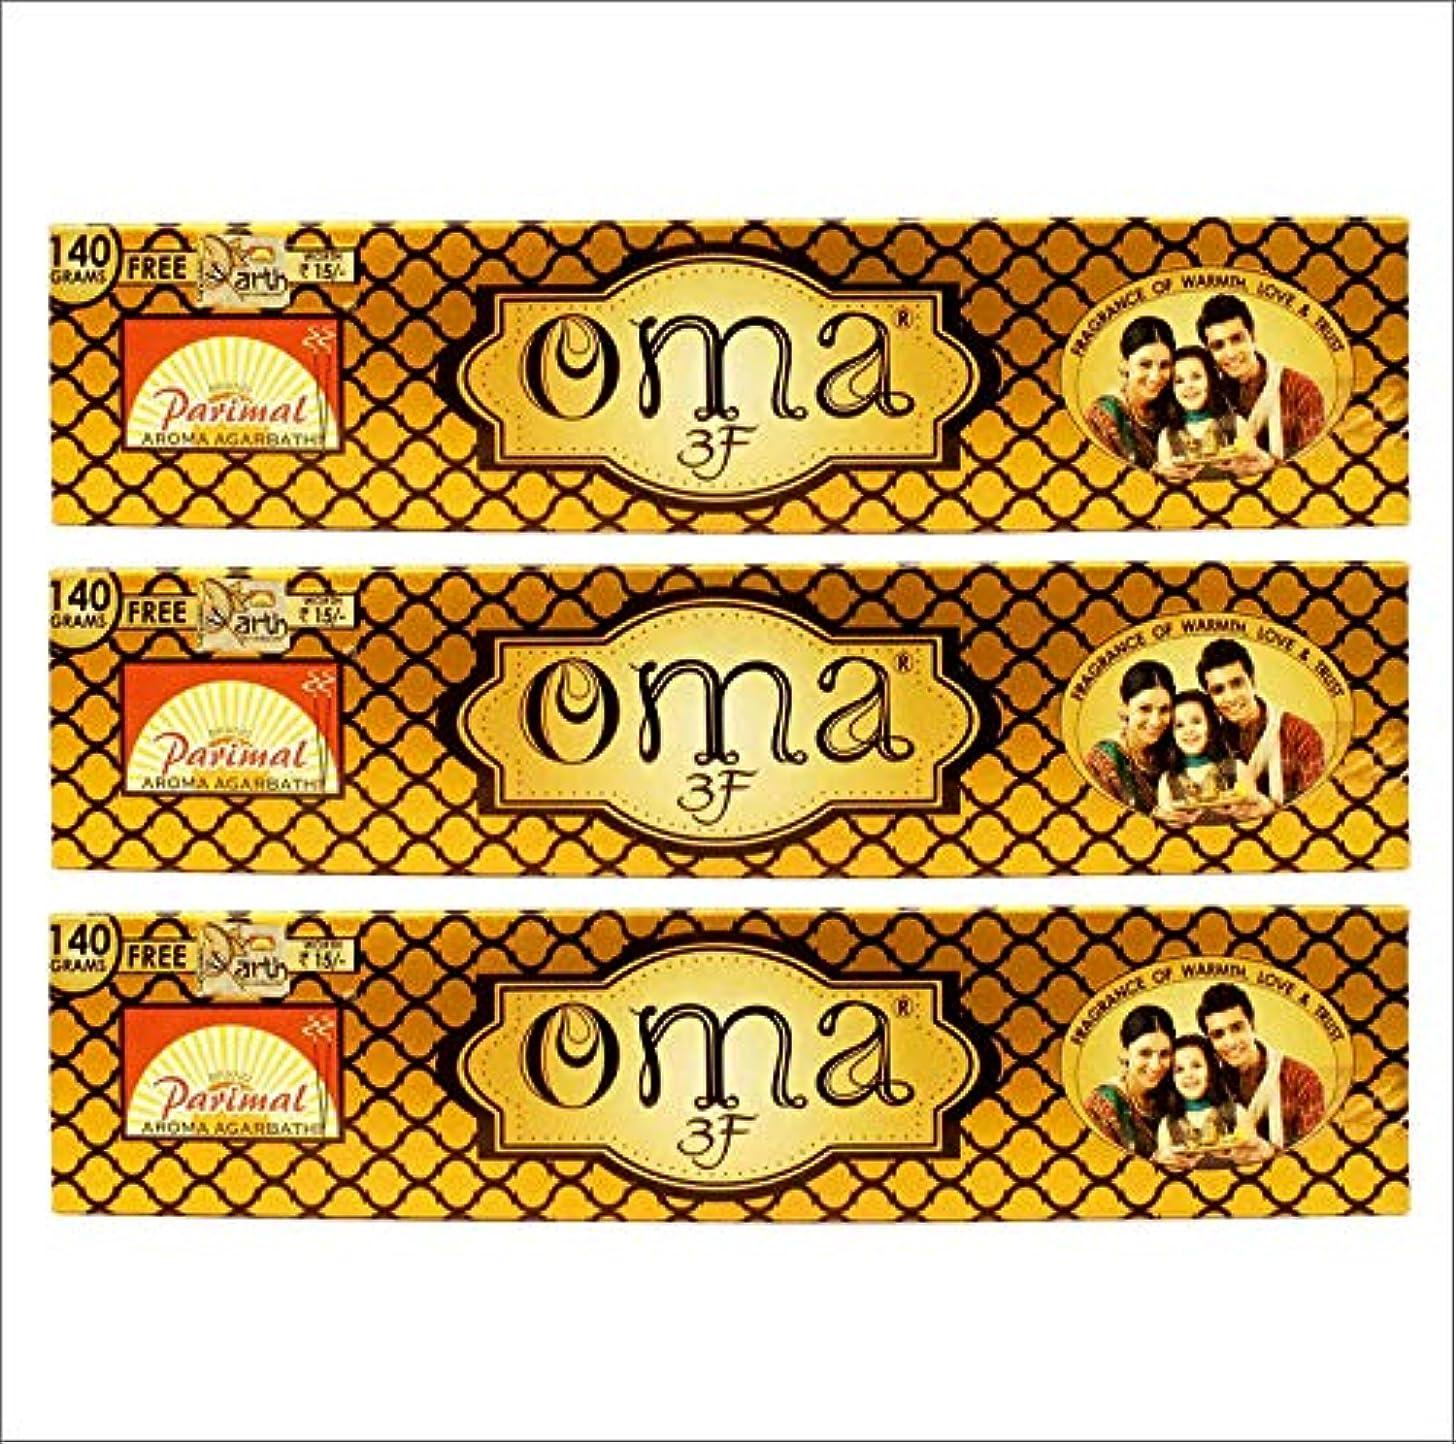 靴下子供達生き残りParimal OMA 3F Incense Sticks